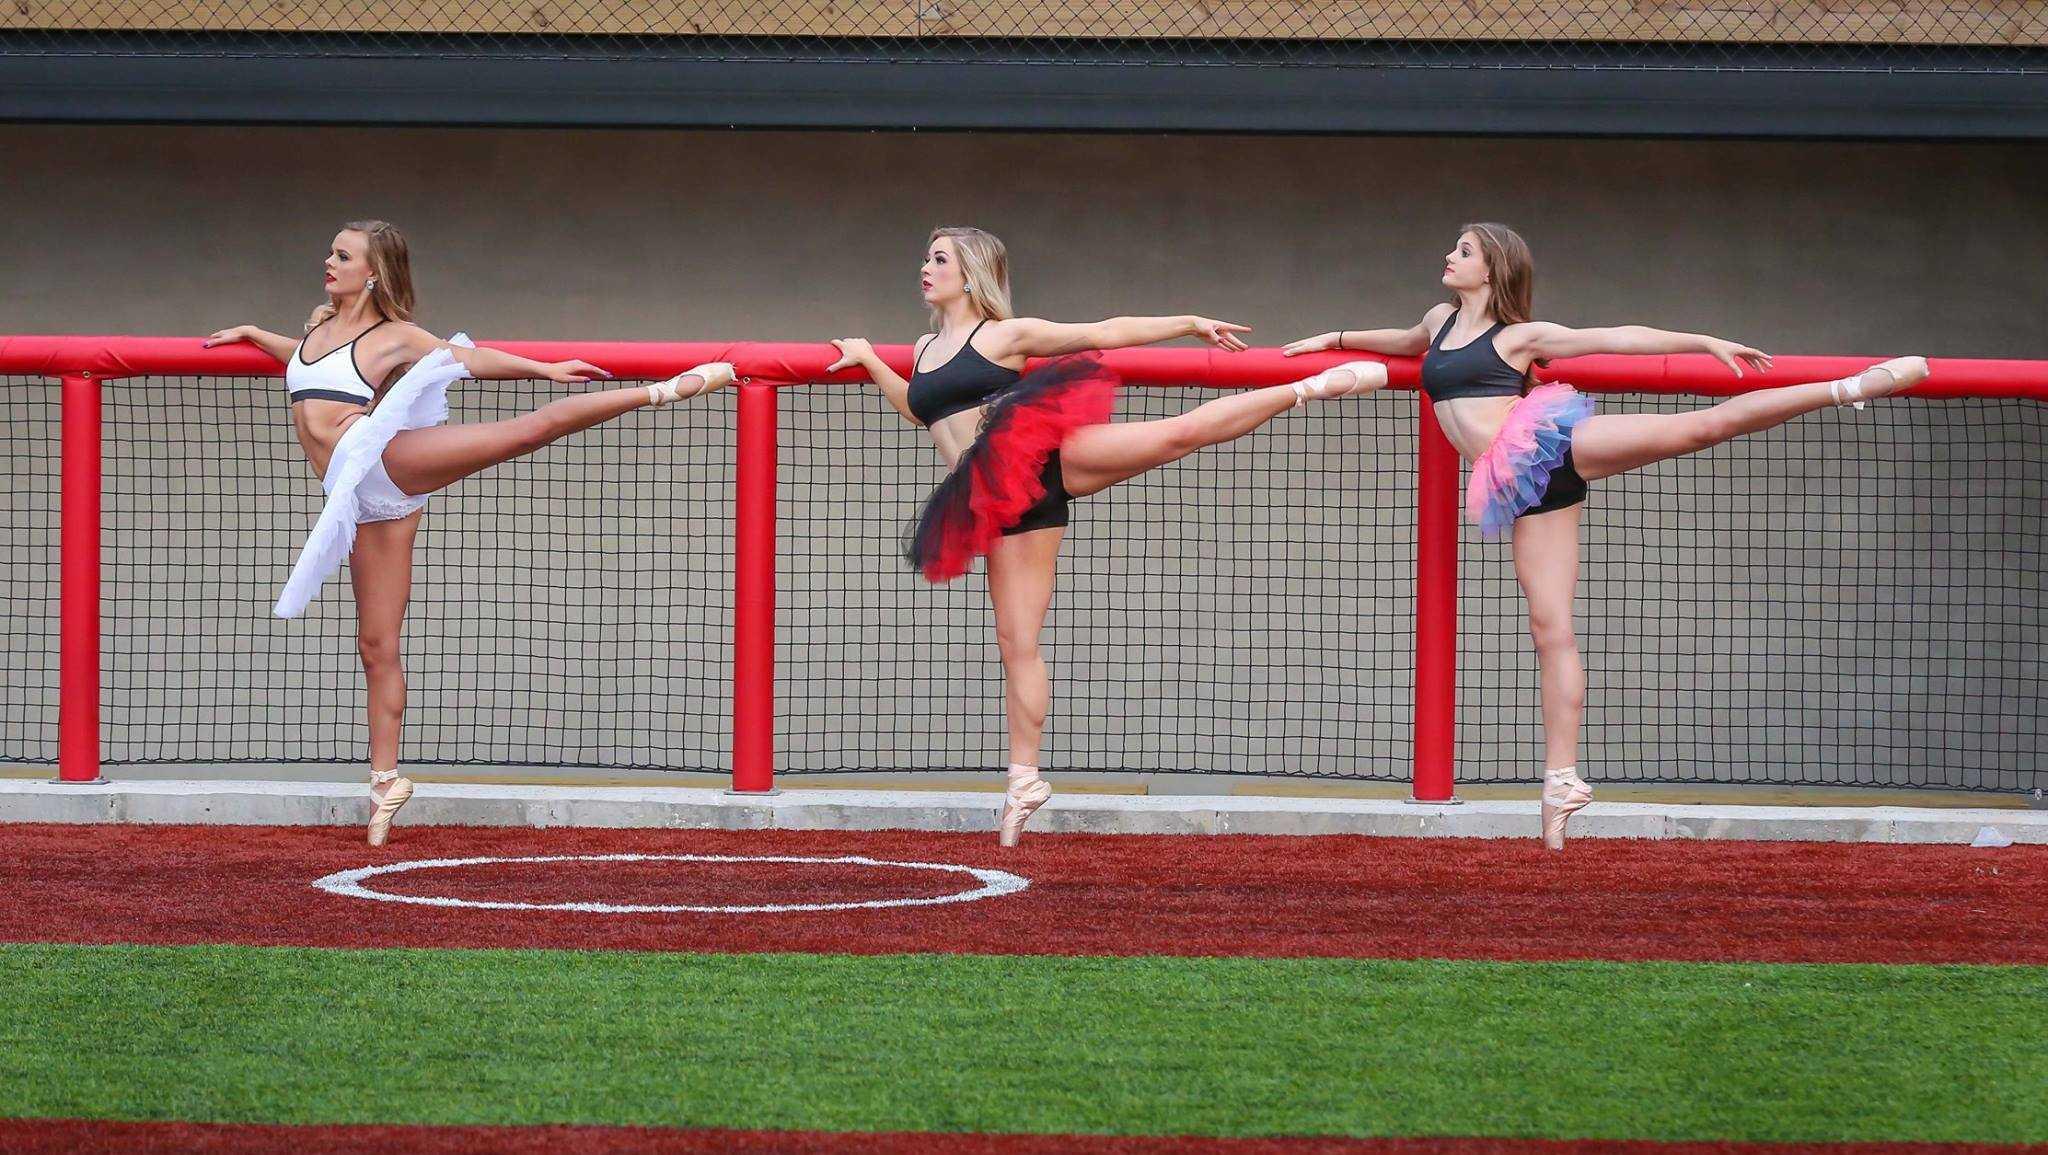 Ballet, Baseball photo shoot